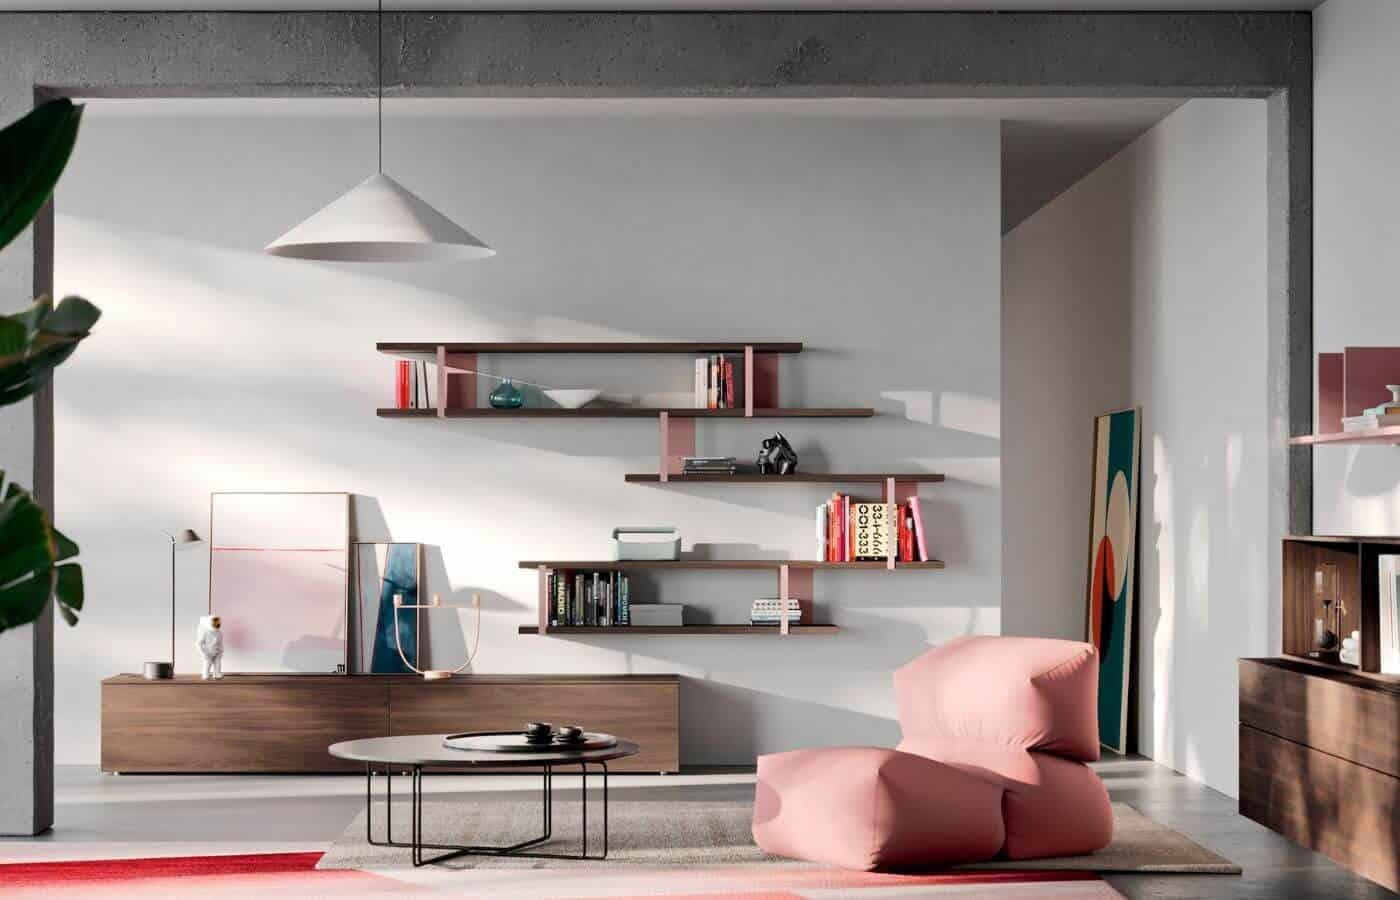 zona-giorno-parete-attrezzata-collezione-jersey-il-mobile (2)